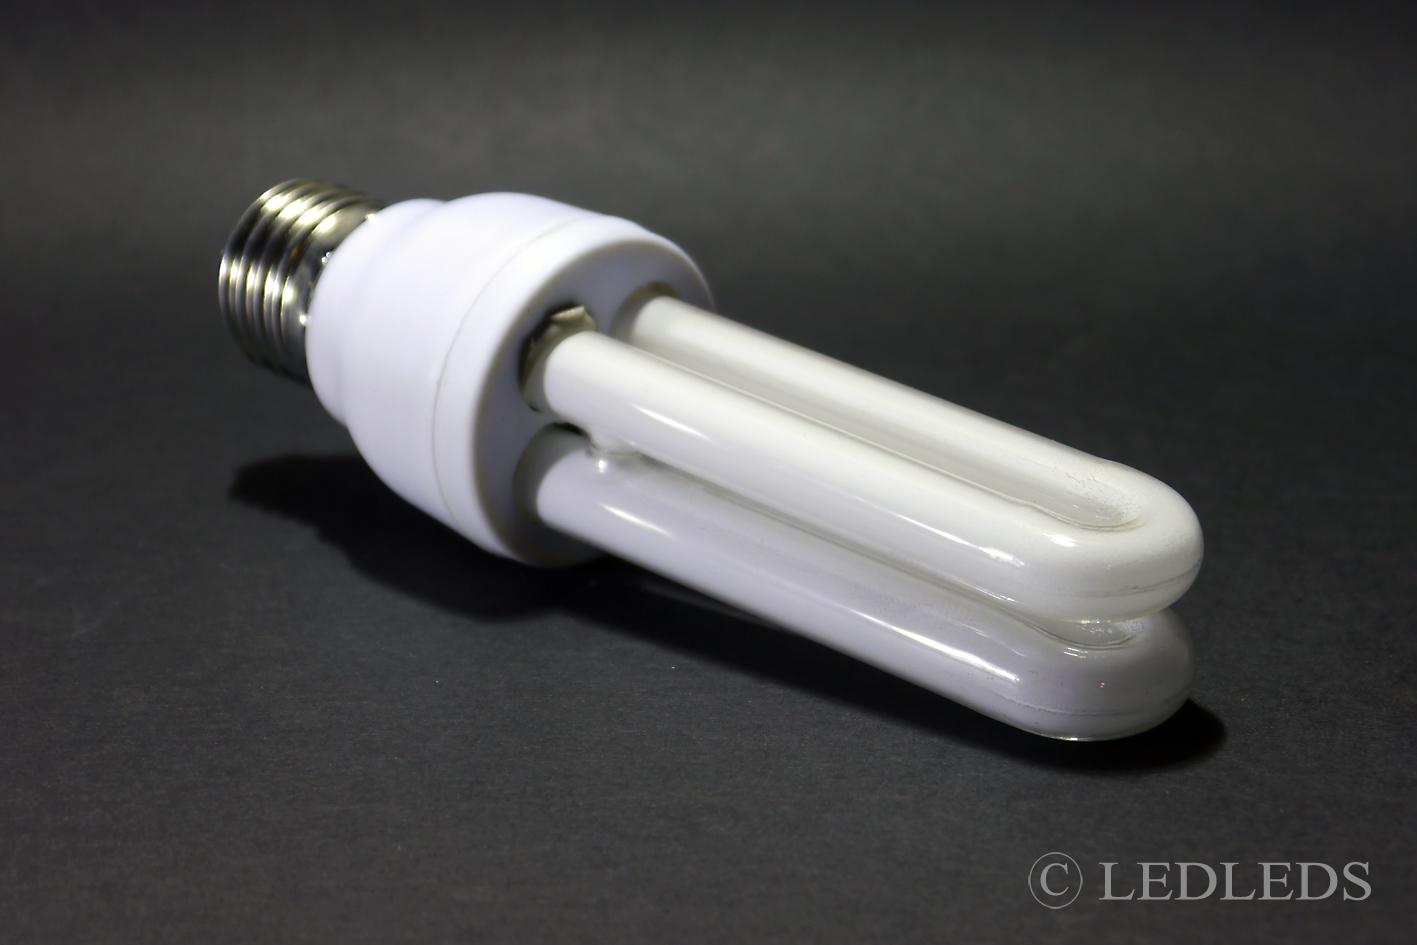 Plafoniera Neon Da Esterno : Gxhgcm ledleds lampada al neon a basso consumo watt v e